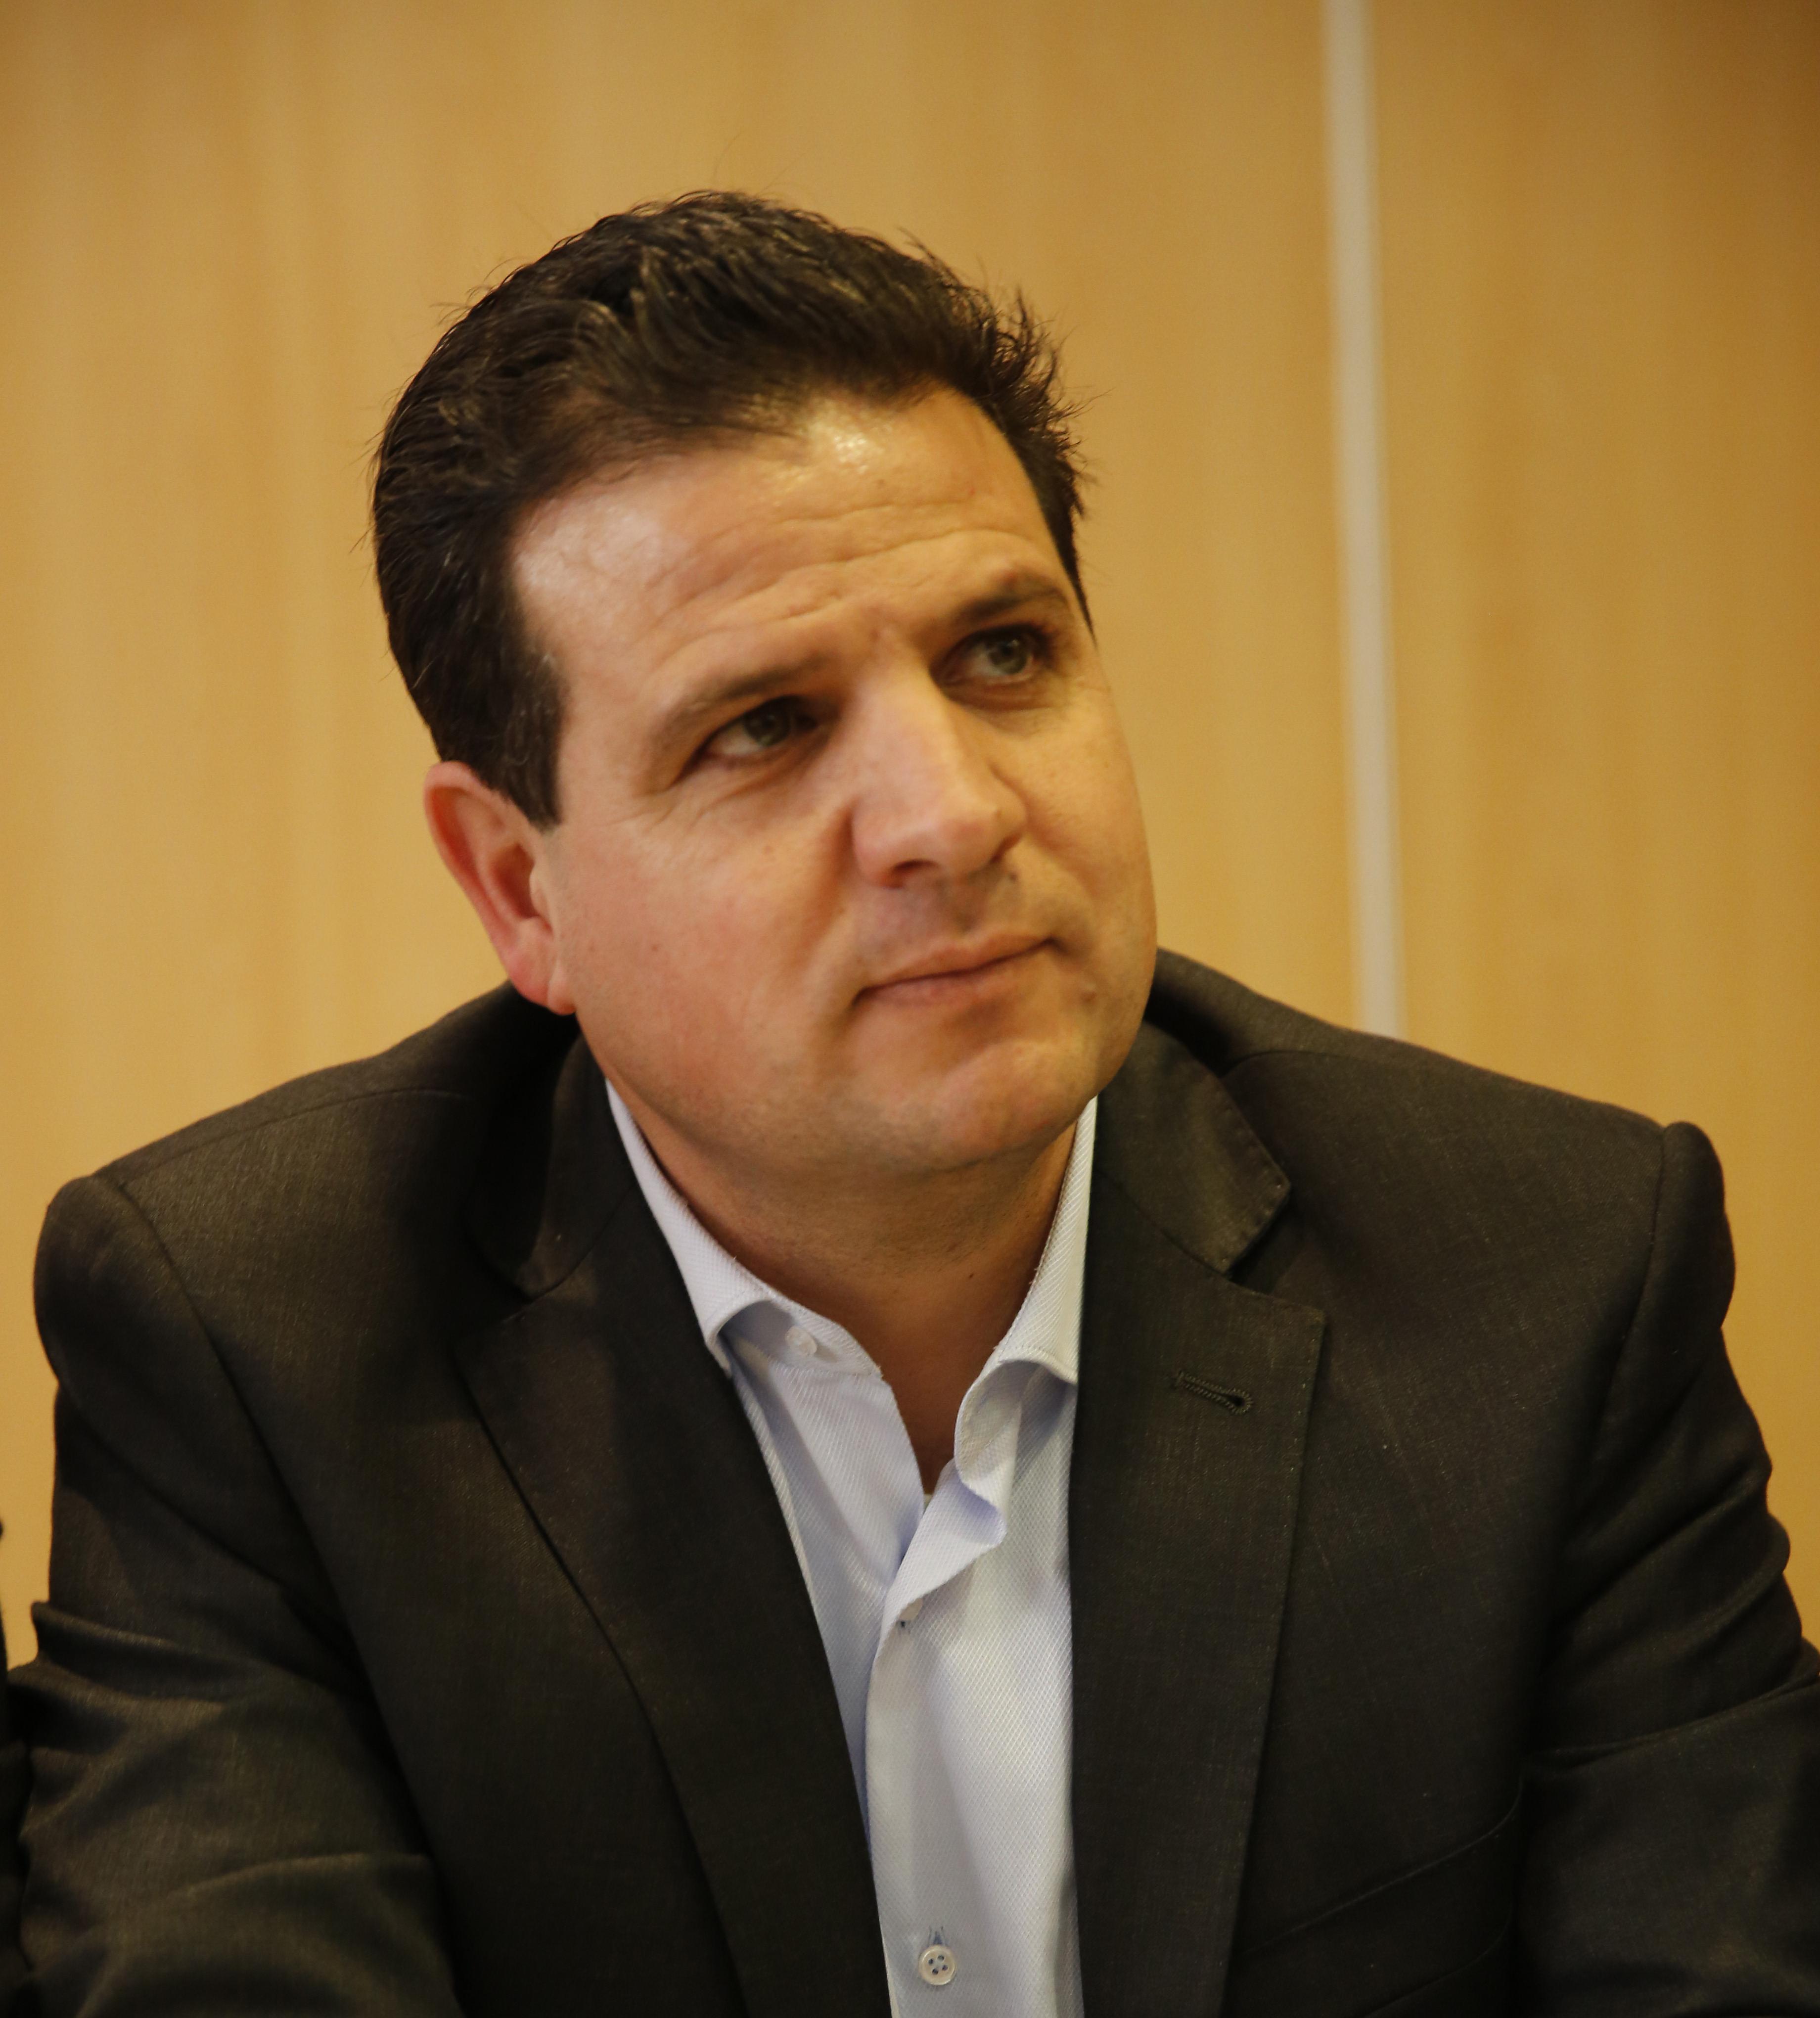 Ayman Odeh httpsuploadwikimediaorgwikipediacommons88